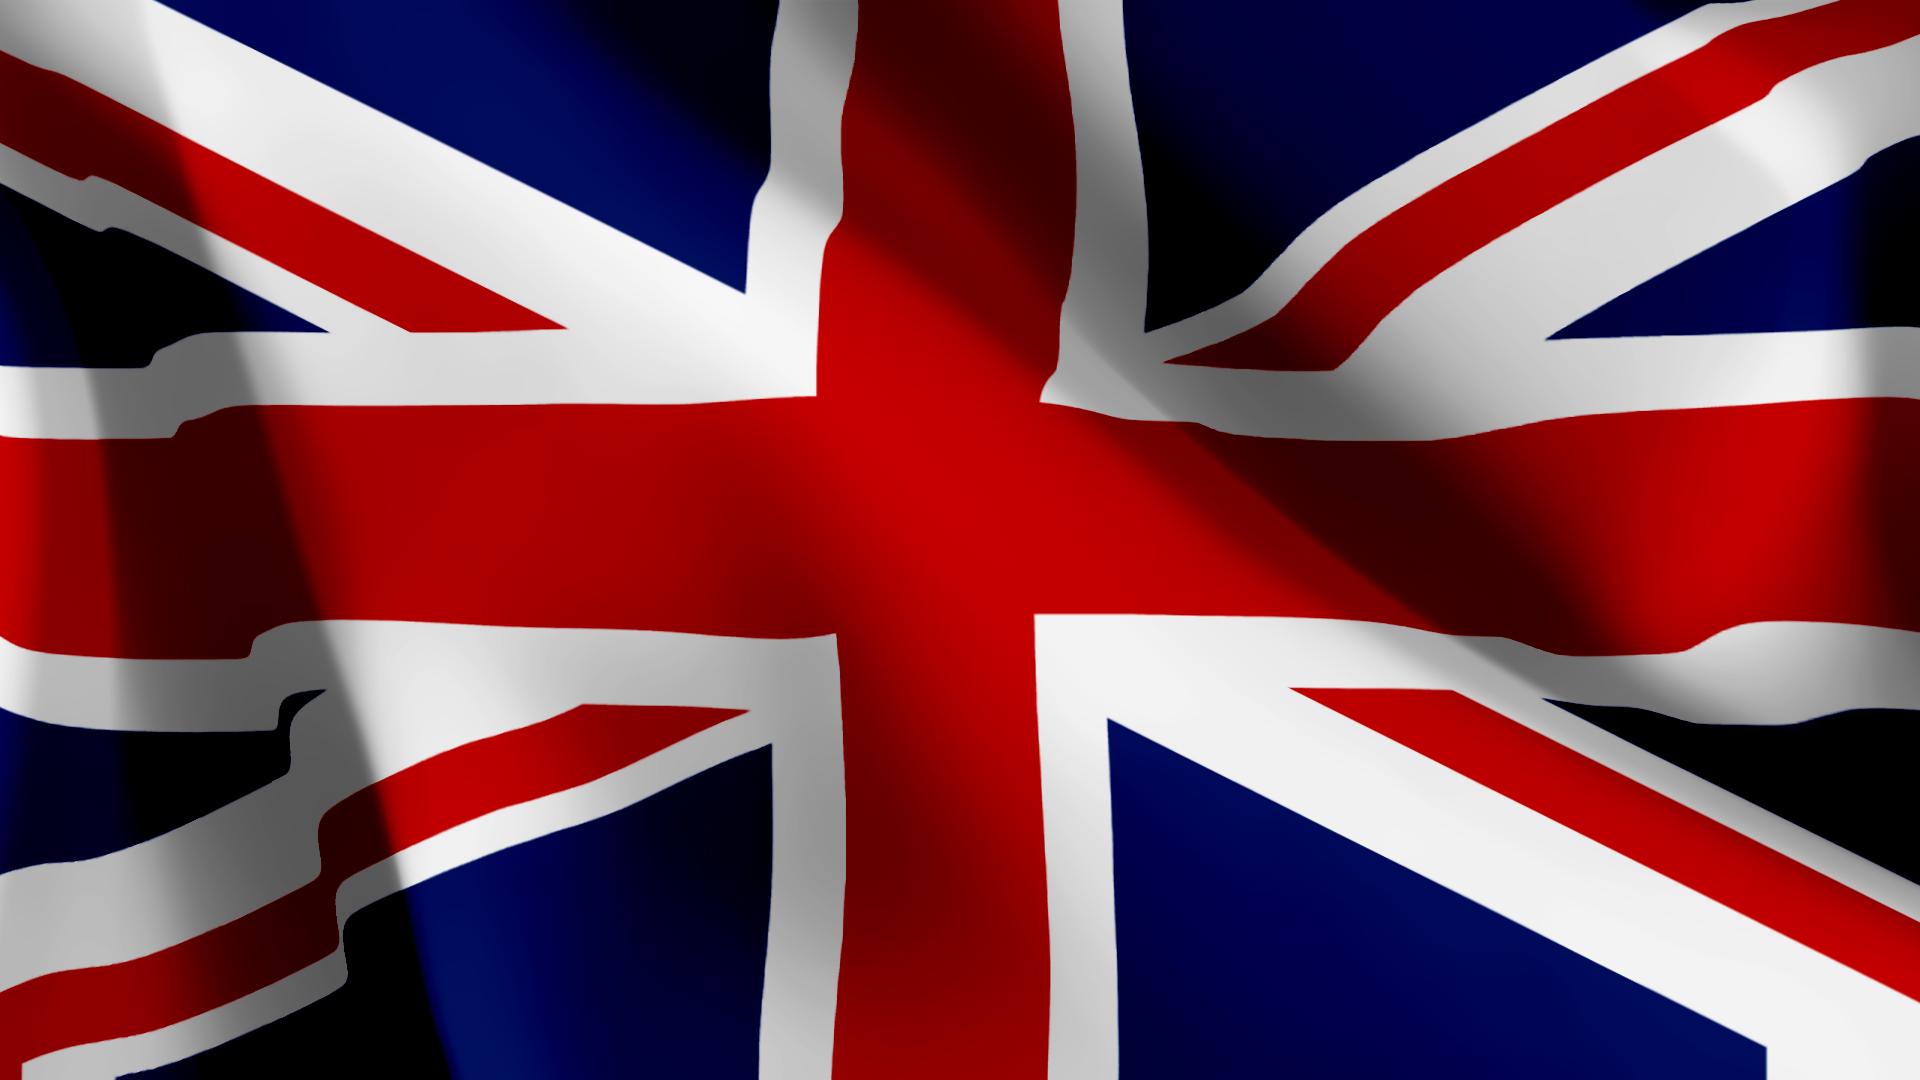 イギリスの国旗 Pc スマートフォンの壁紙 スマートマイズ